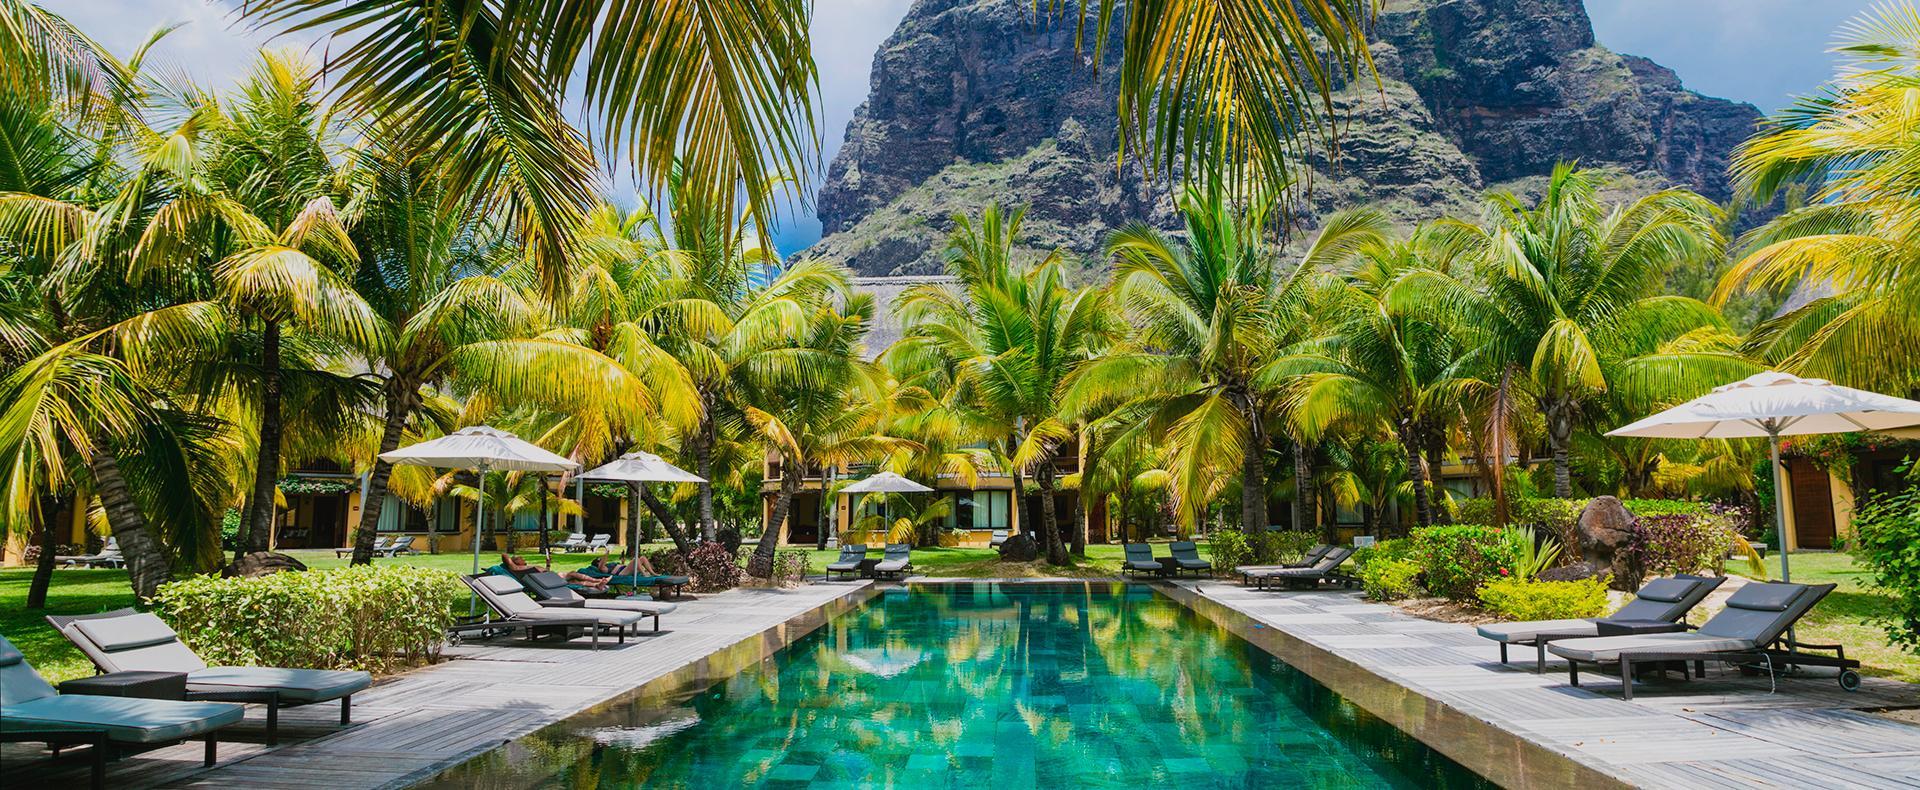 Osez le Paradis Hotel & Golf Club